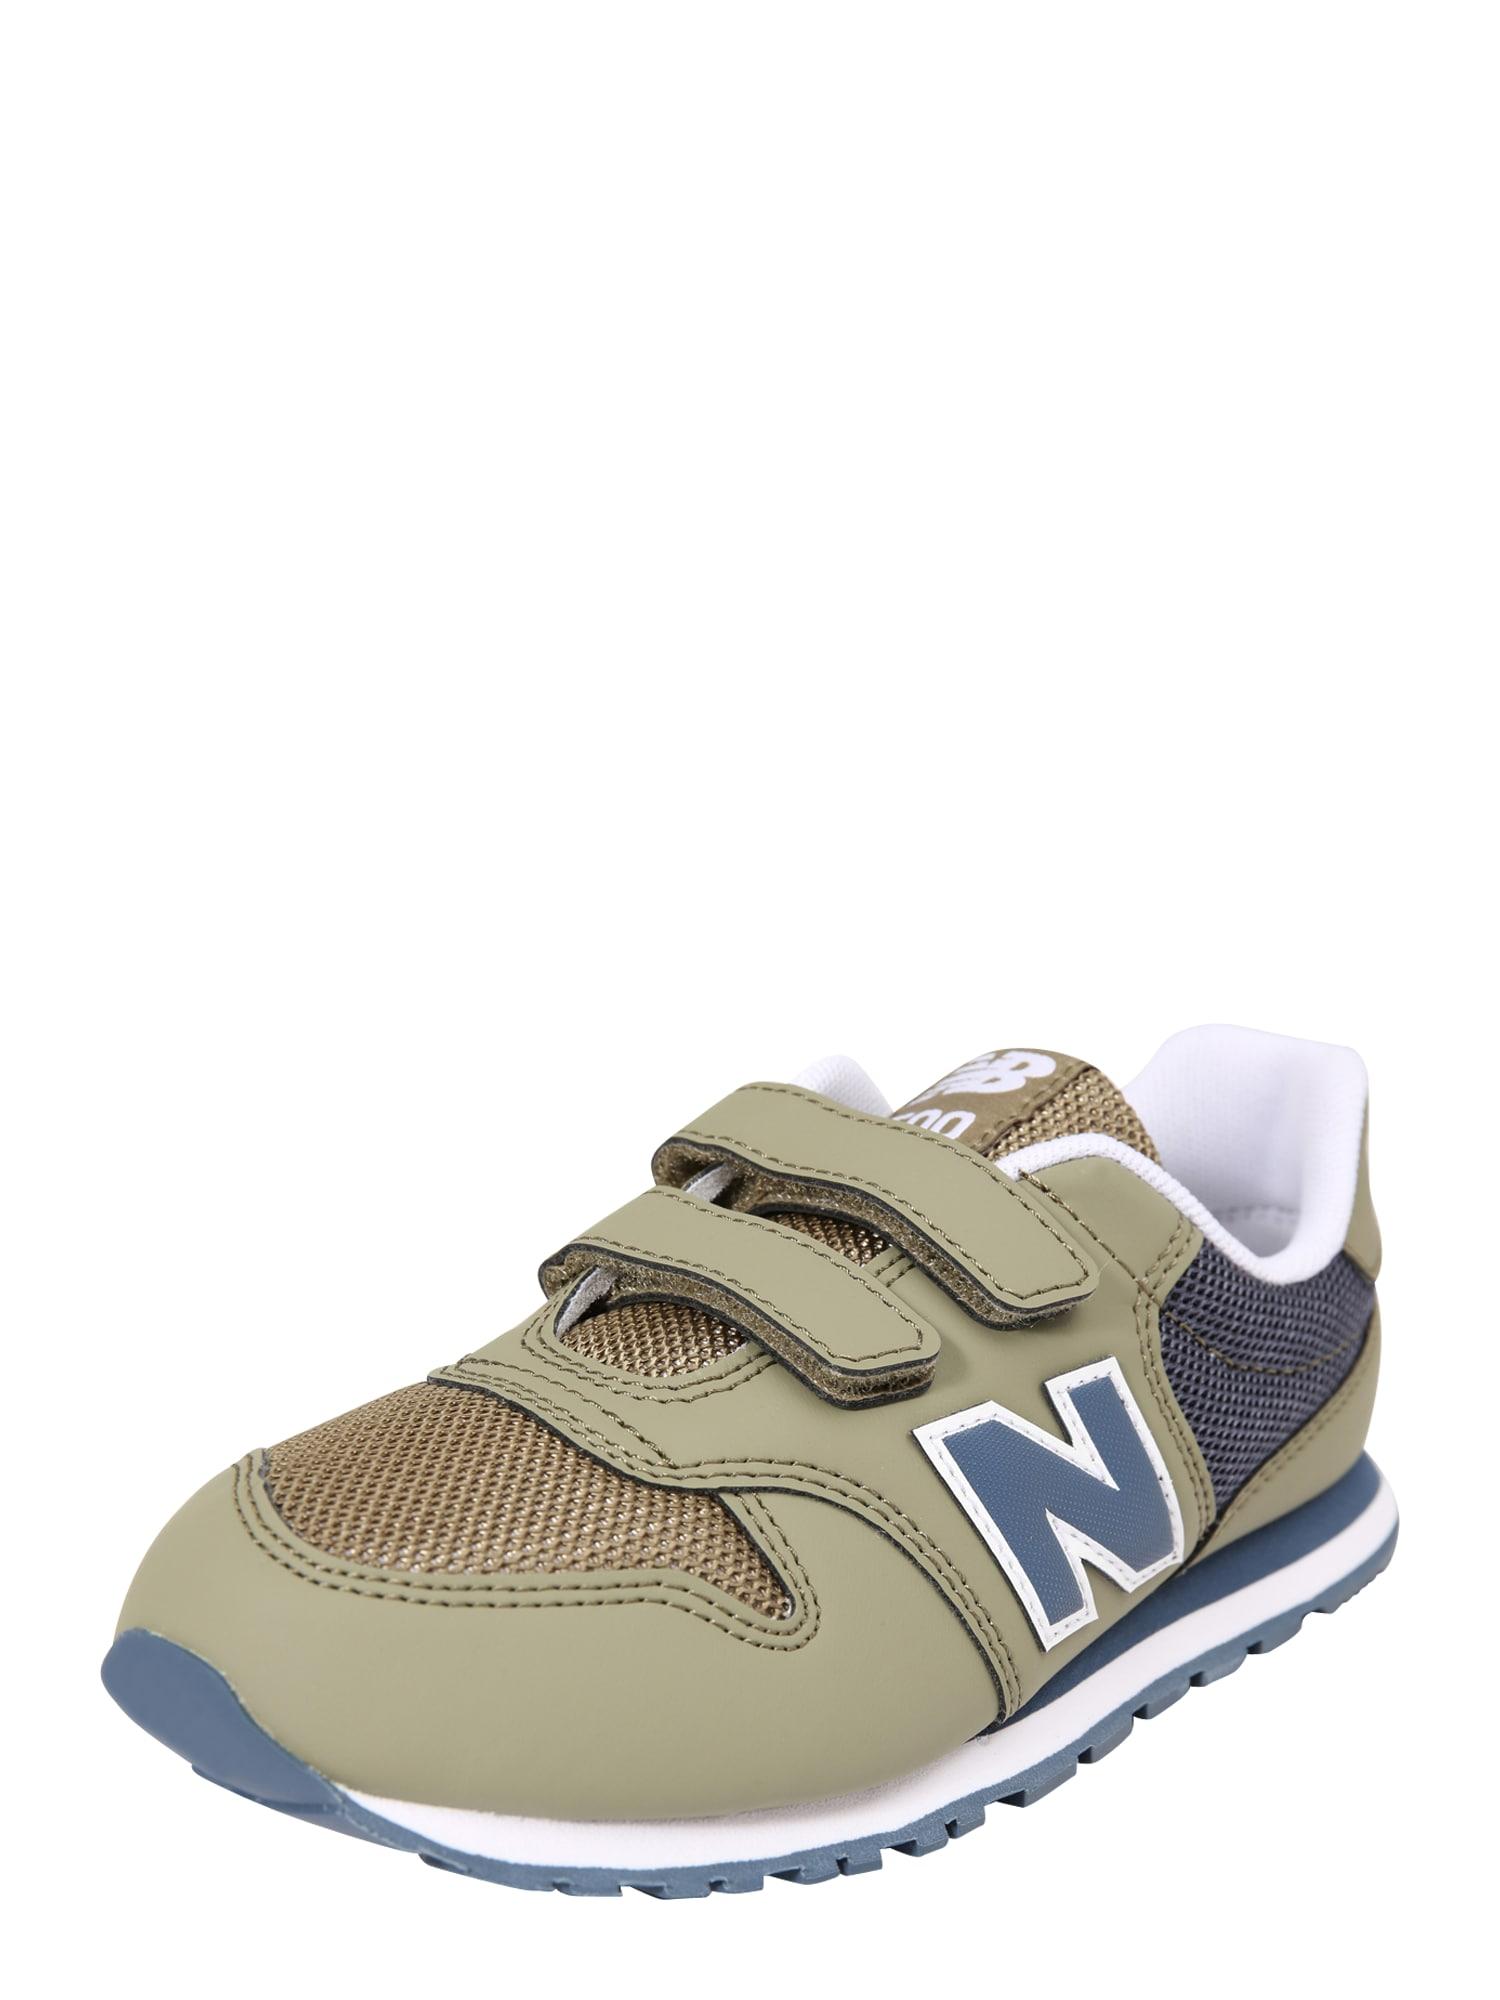 Sportovní boty YV500 M SYNTHETIC modrá khaki New Balance